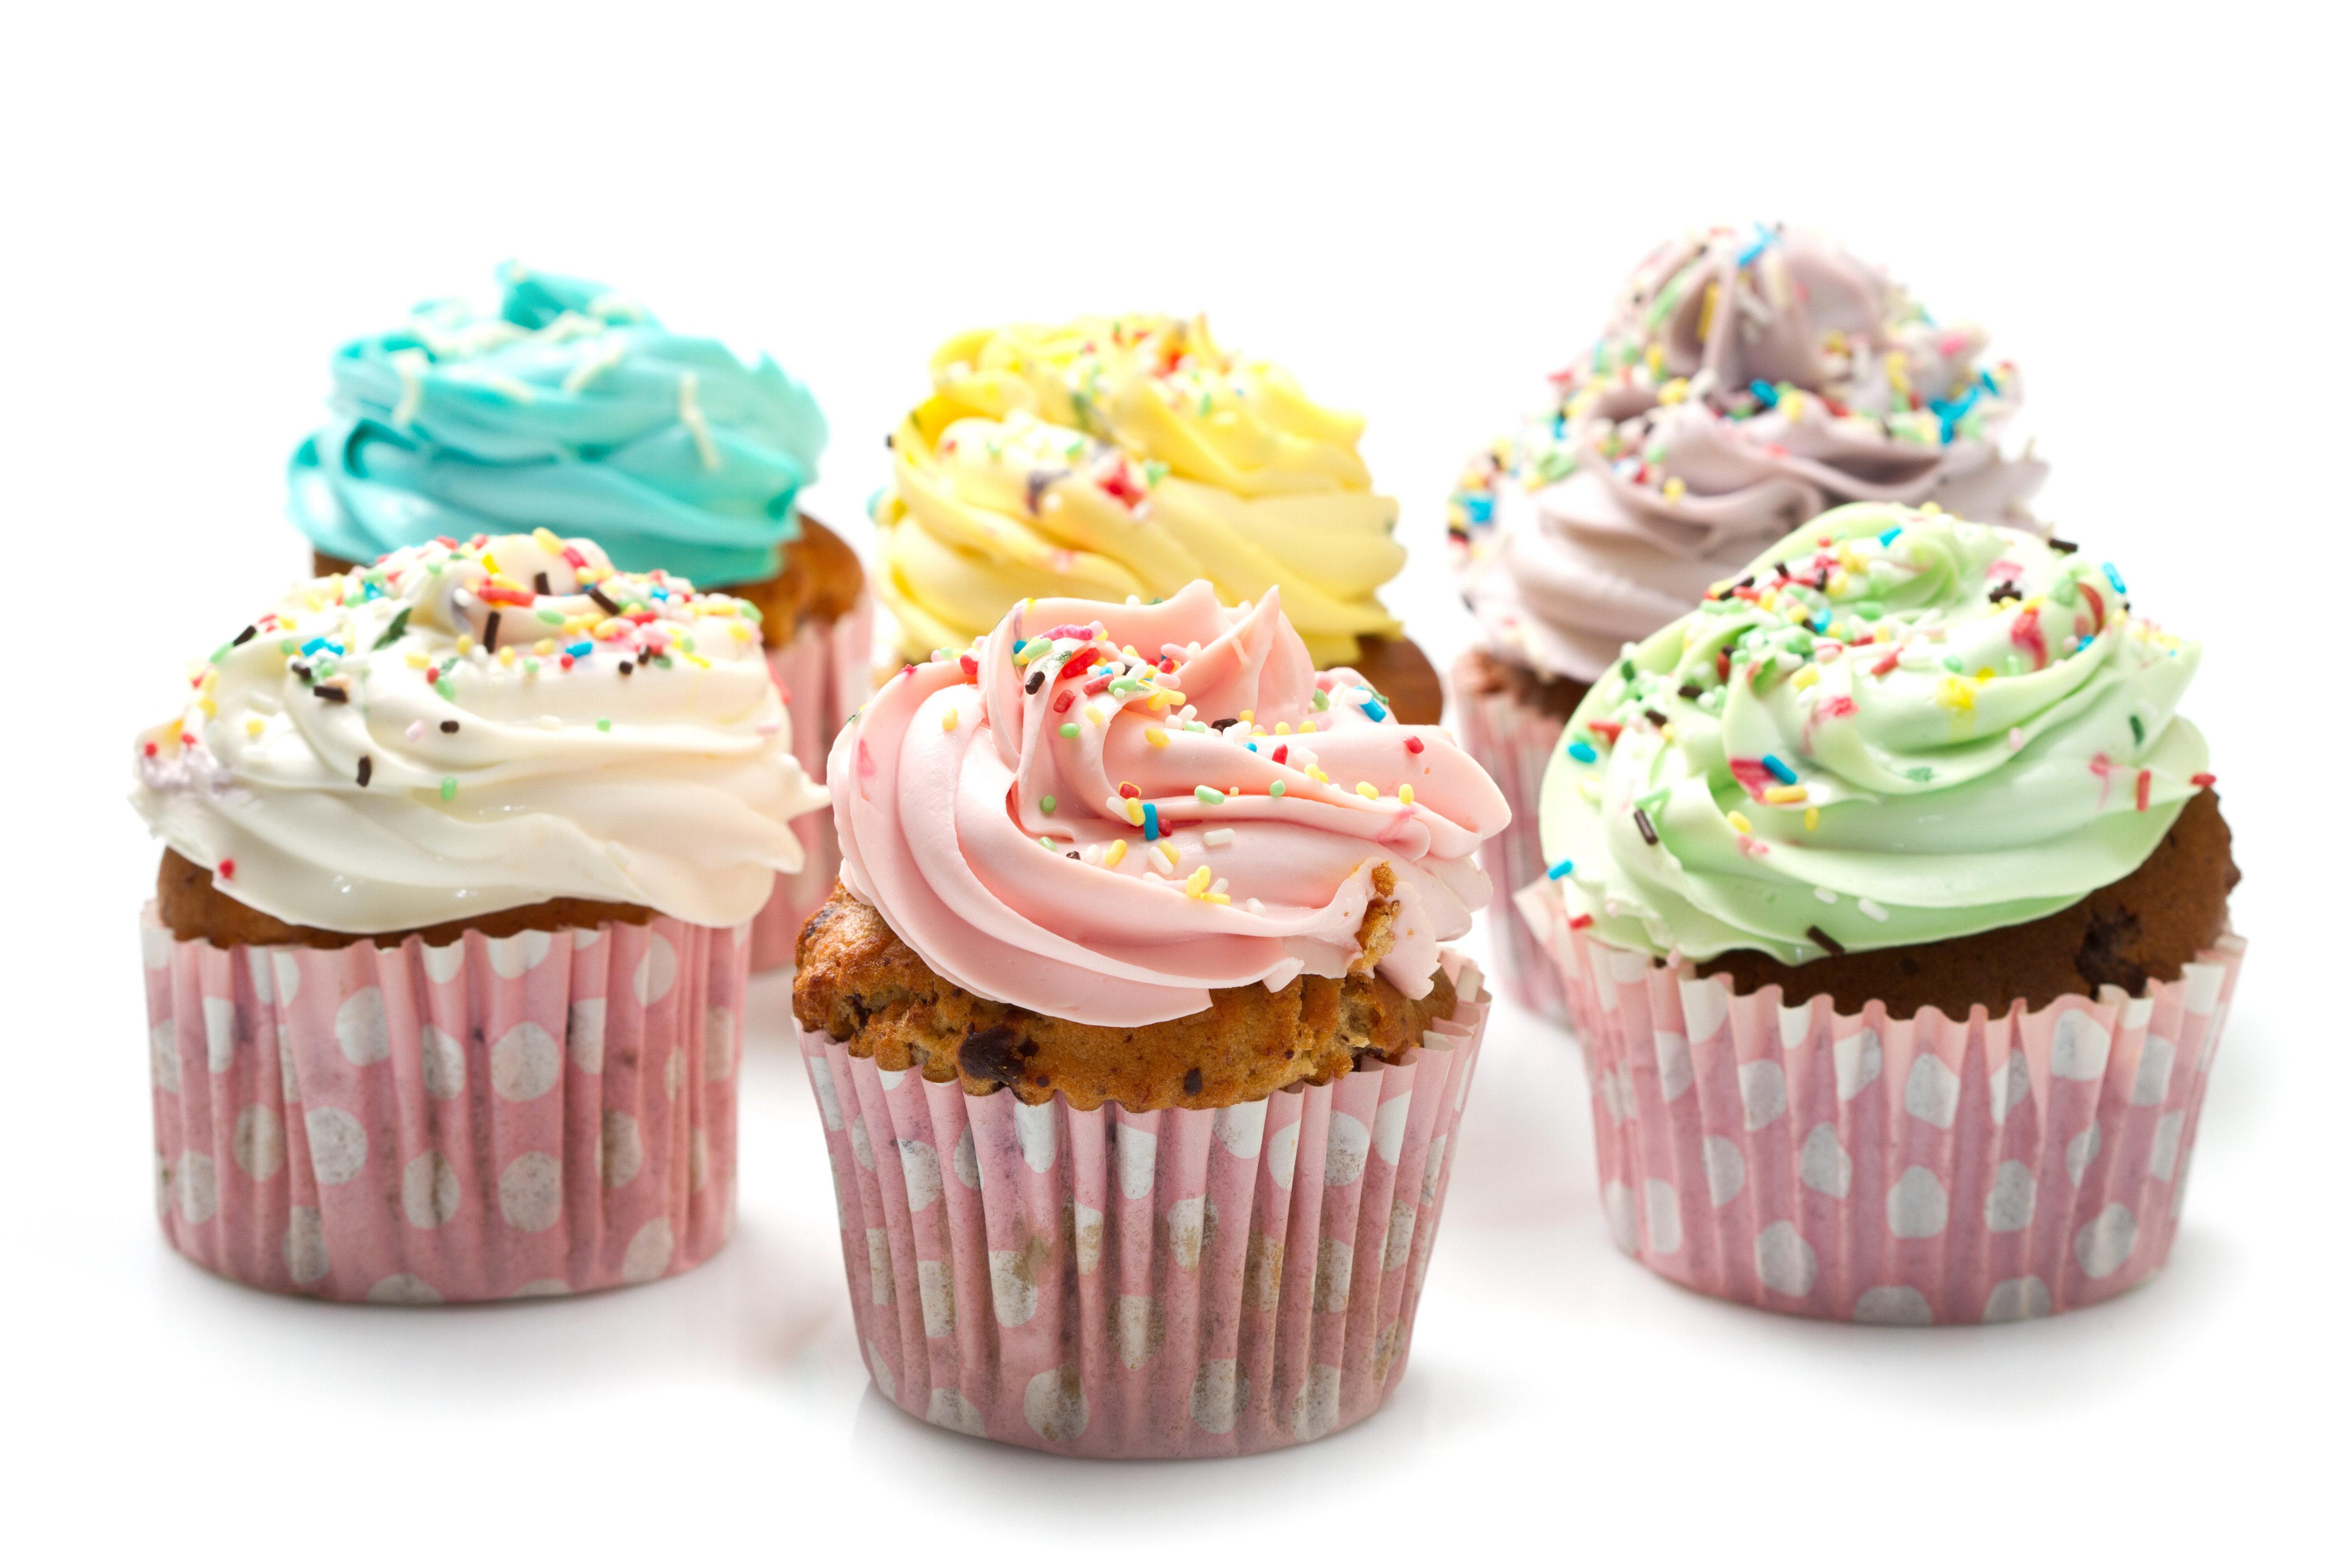 кексы пирожное cupcakes cake  № 132231 загрузить